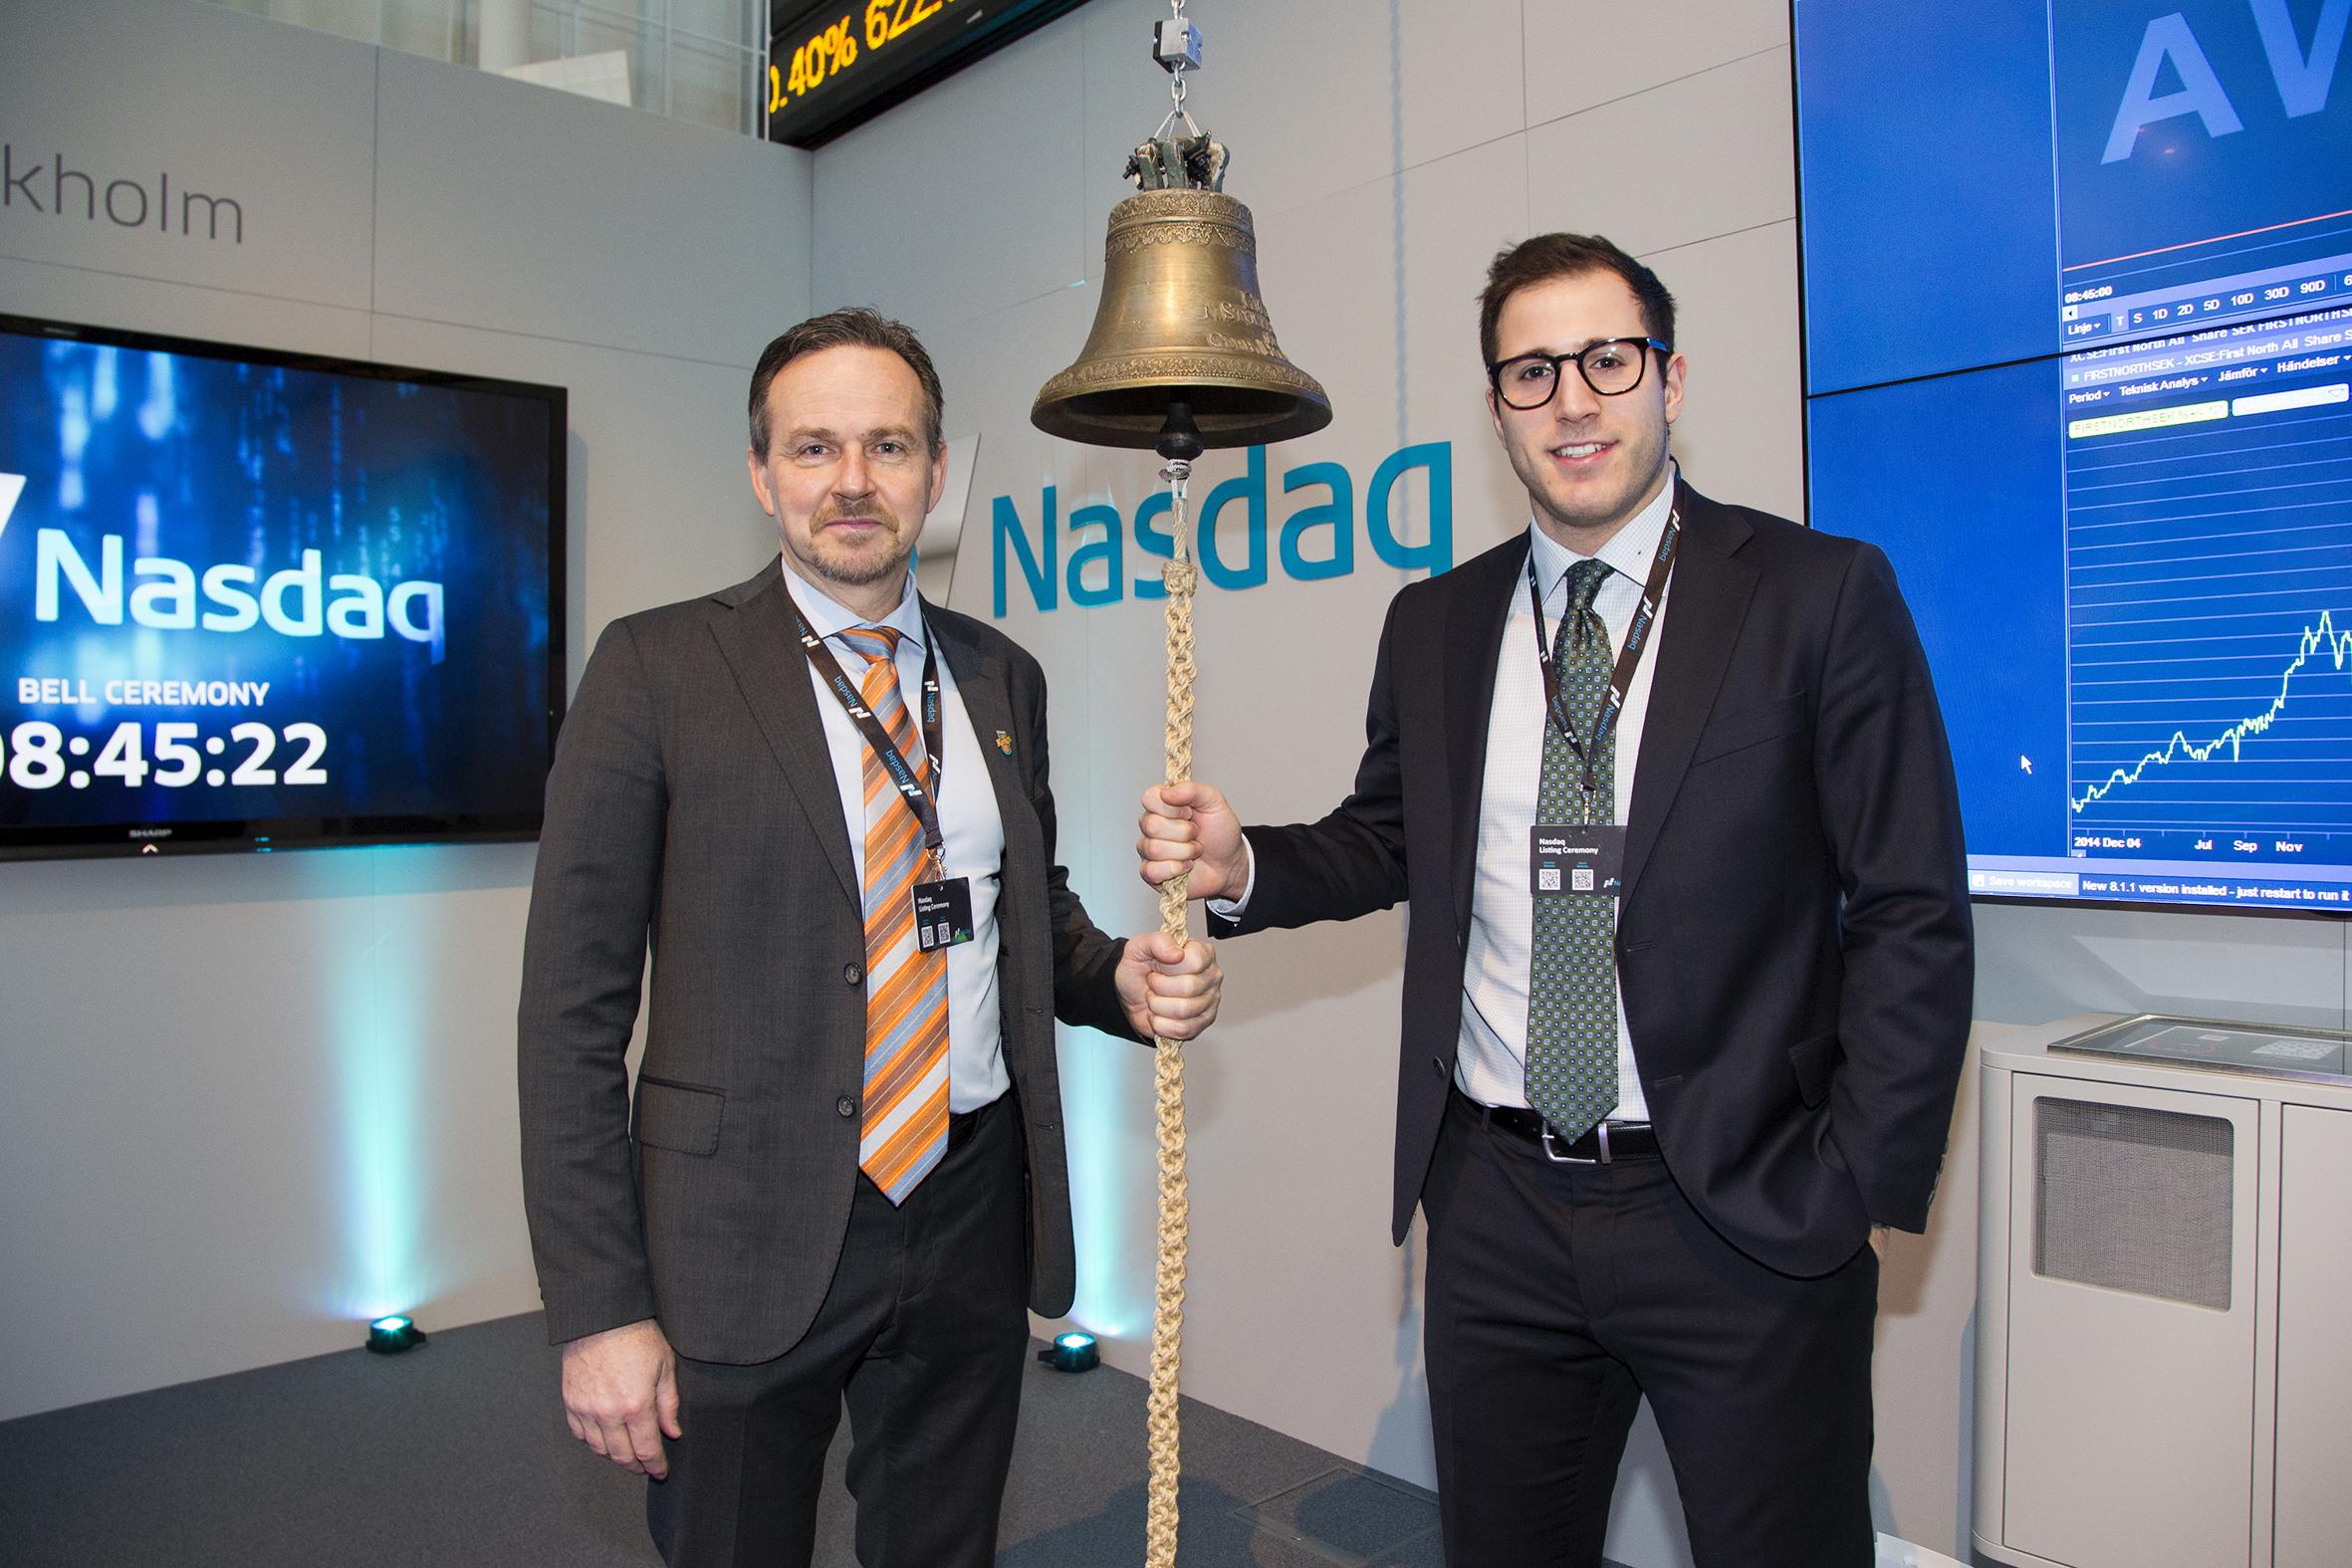 Klockan klämtar - Mats & Mike öppnar handeln i Awardit!